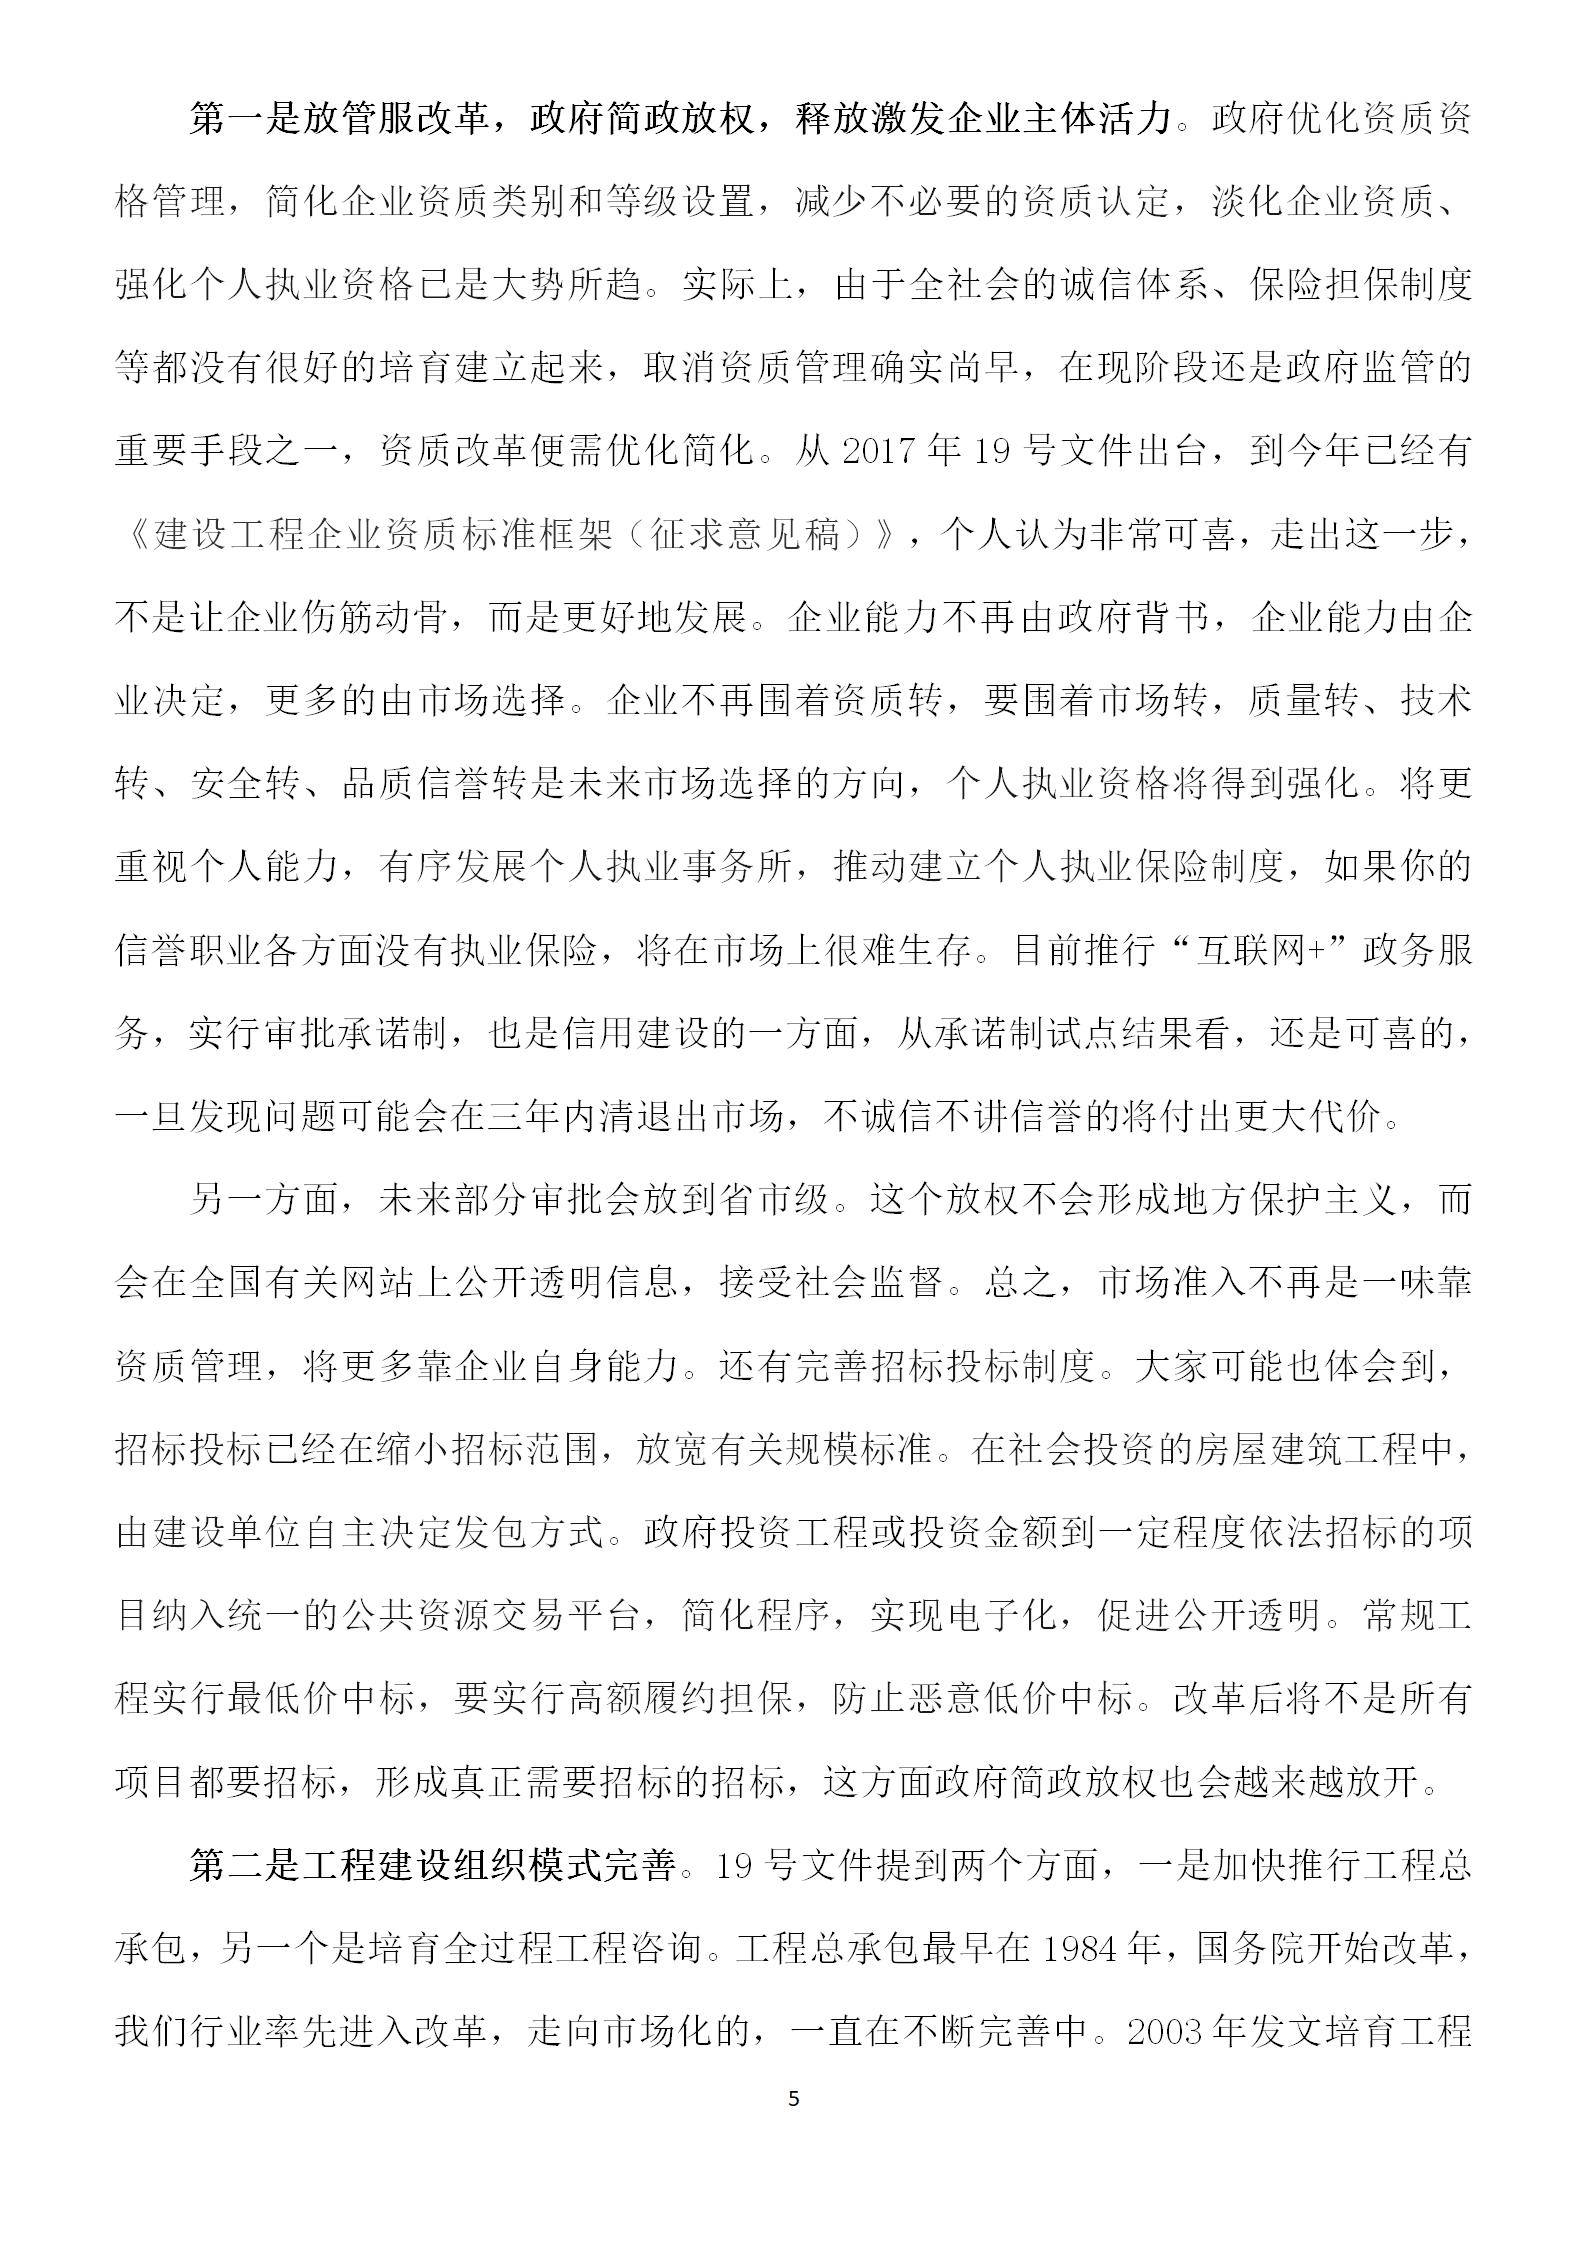 中建协副会长吴慧娟在河北省建筑业协会八届五次理事会上的讲话(1)_05.png